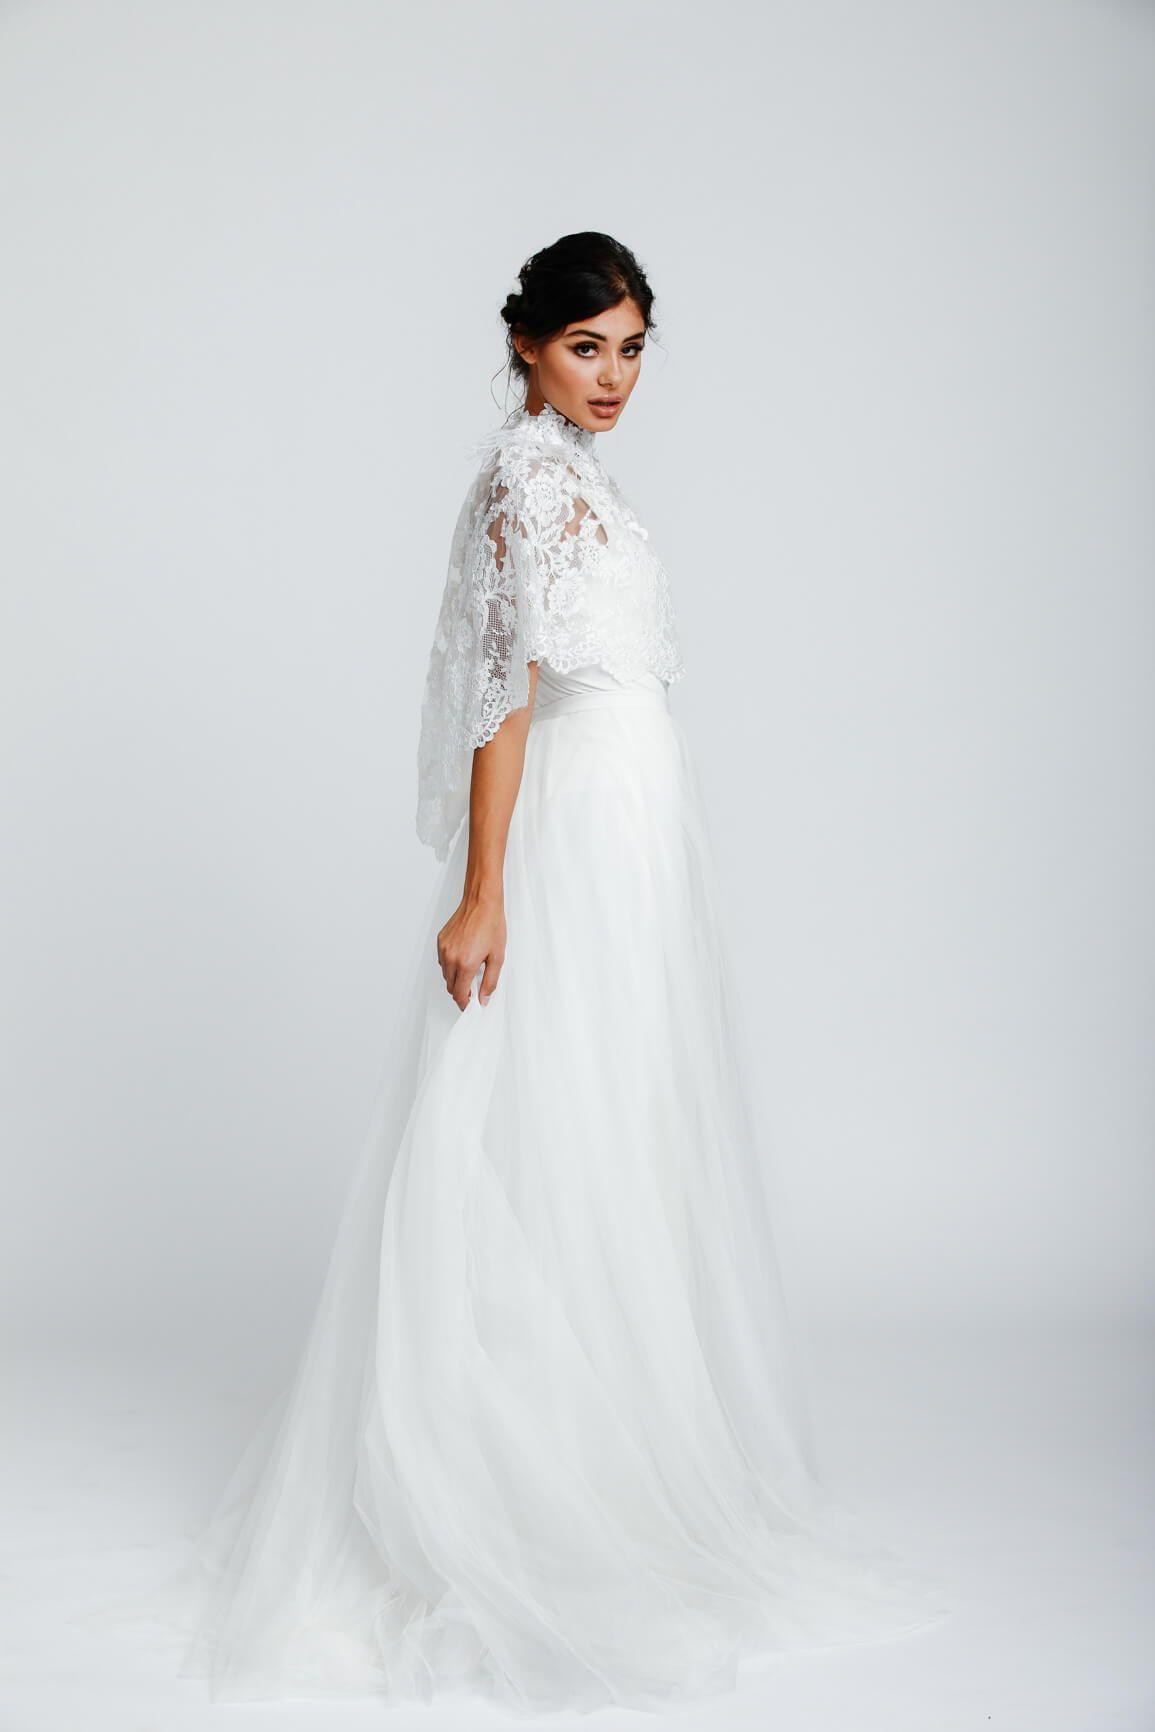 Colorado Brautkleider Nach Mass In Wien Bespoke Bridal Vienna Brautkleid Braut Kleid Hochzeit